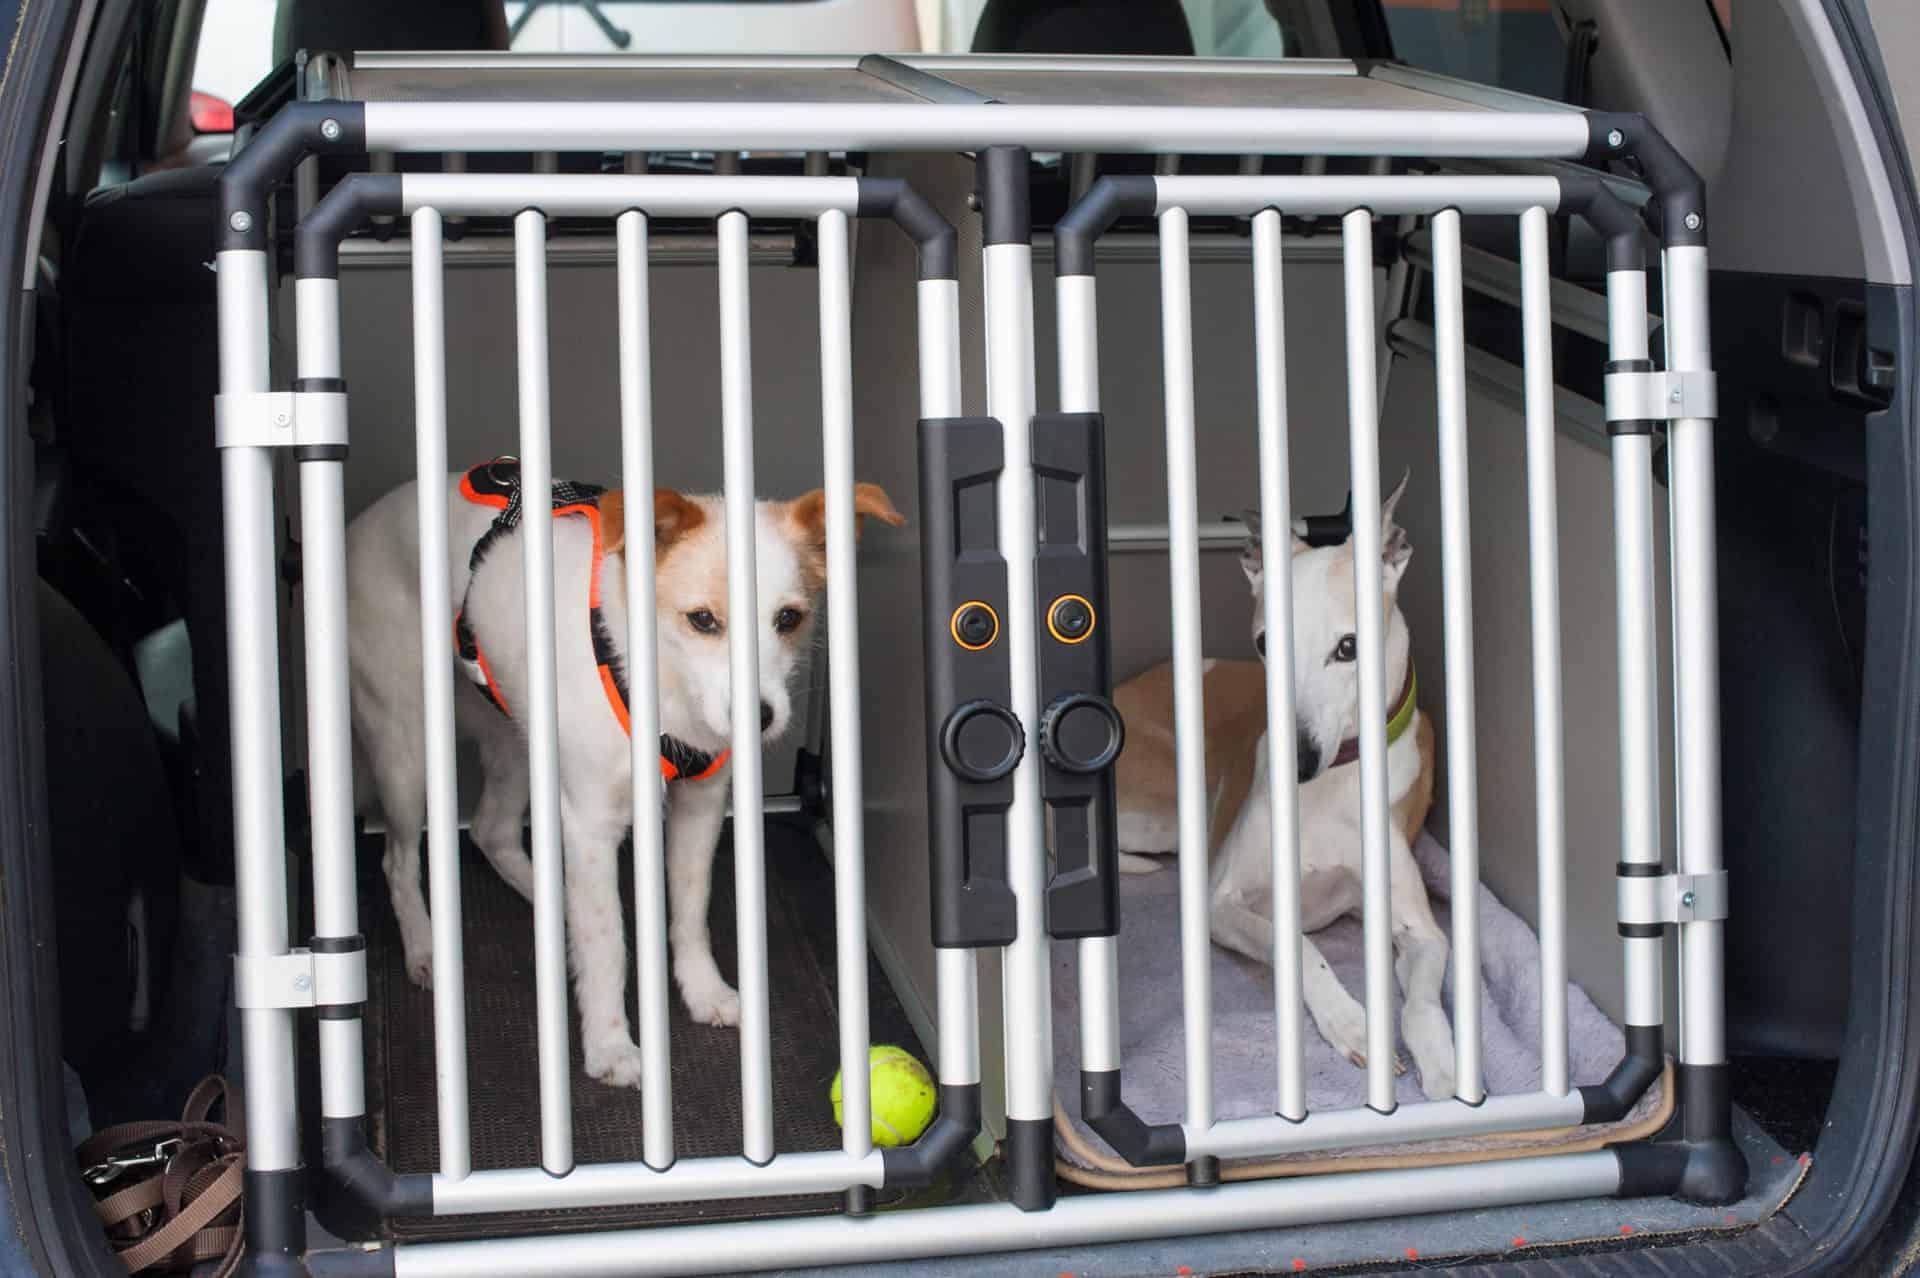 Hundebetten nach Maß für Transportboxen